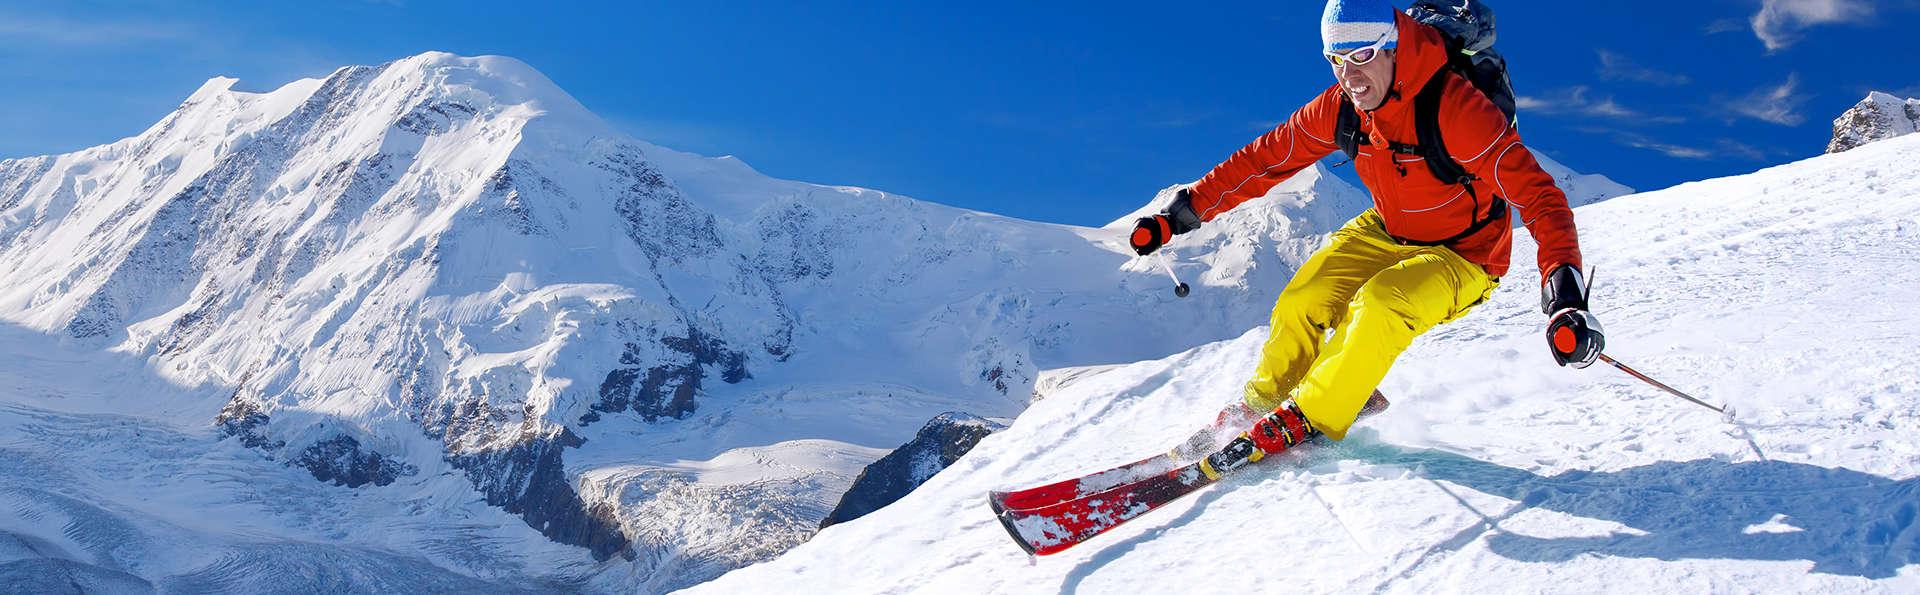 Séjour Ski : Dîner et détente à la Clusaz (forfaits 2 jours inclus)